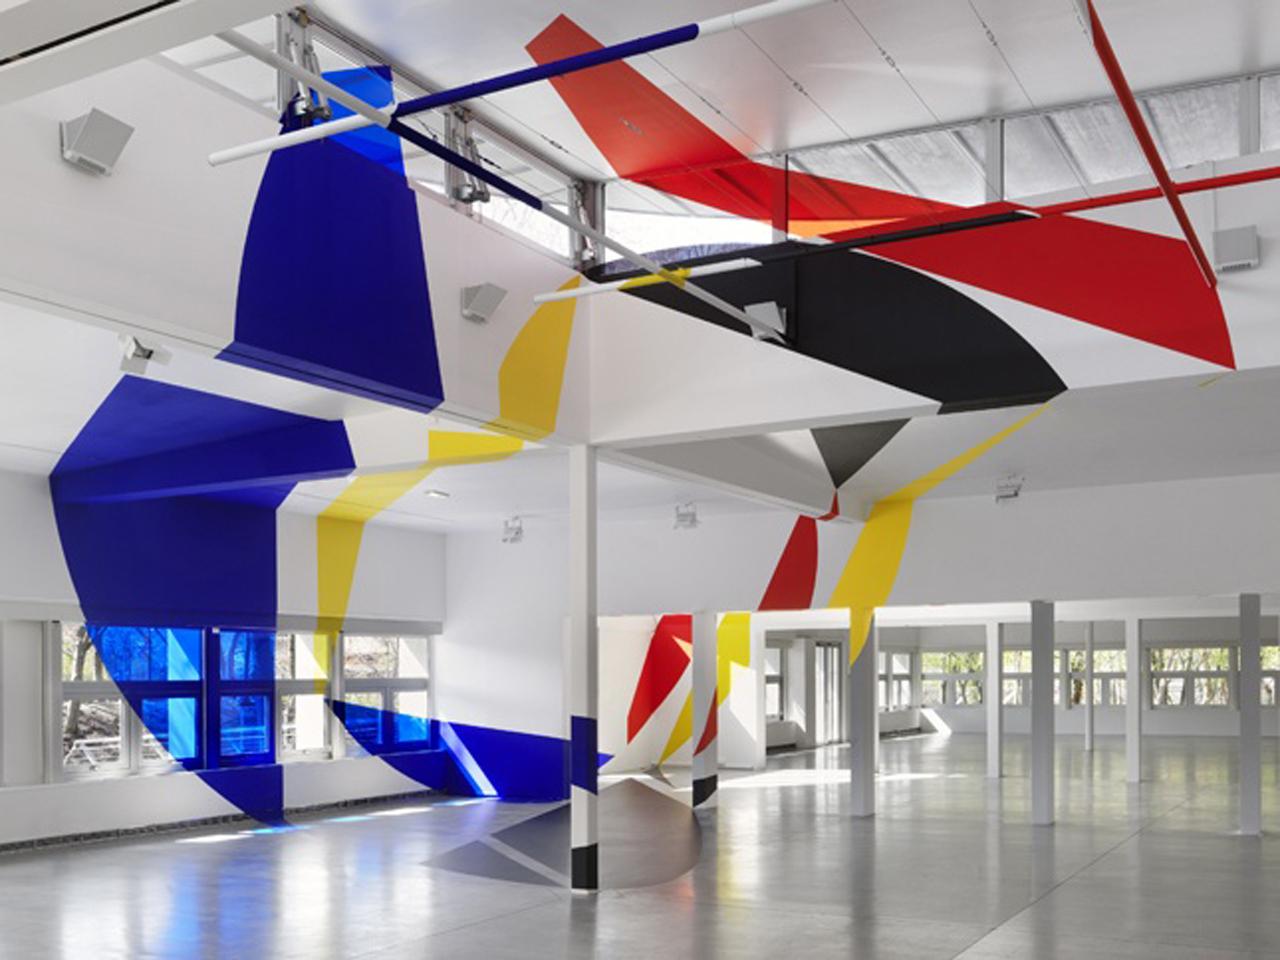 """""""Rouge jaune noir bleu entre les disques et les trapezes"""" (2015) side view, installed in 1,000 square meter building Pavillon Paul-Delouvrier"""